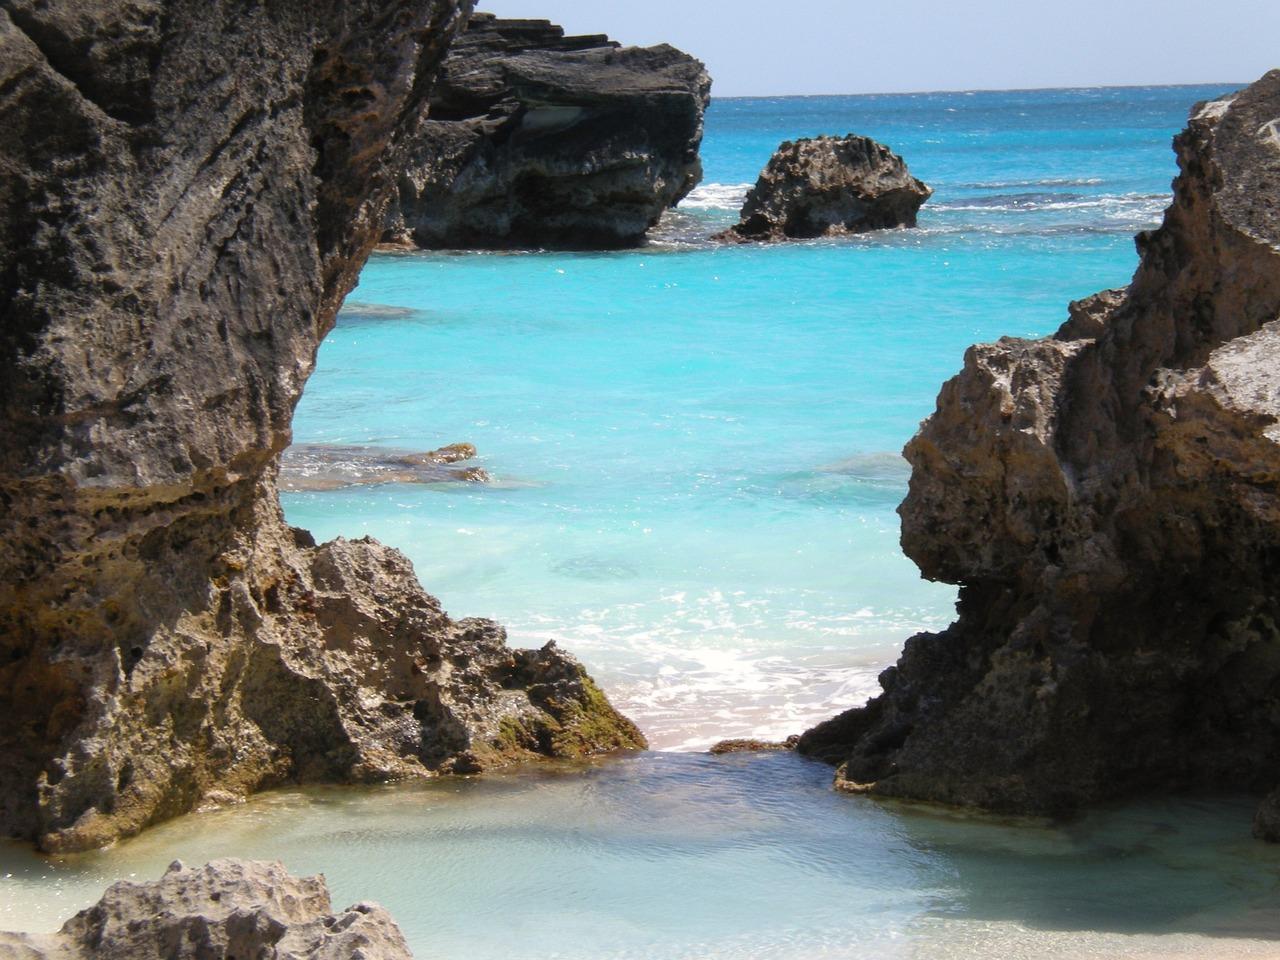 isole bermuda cosa vedere